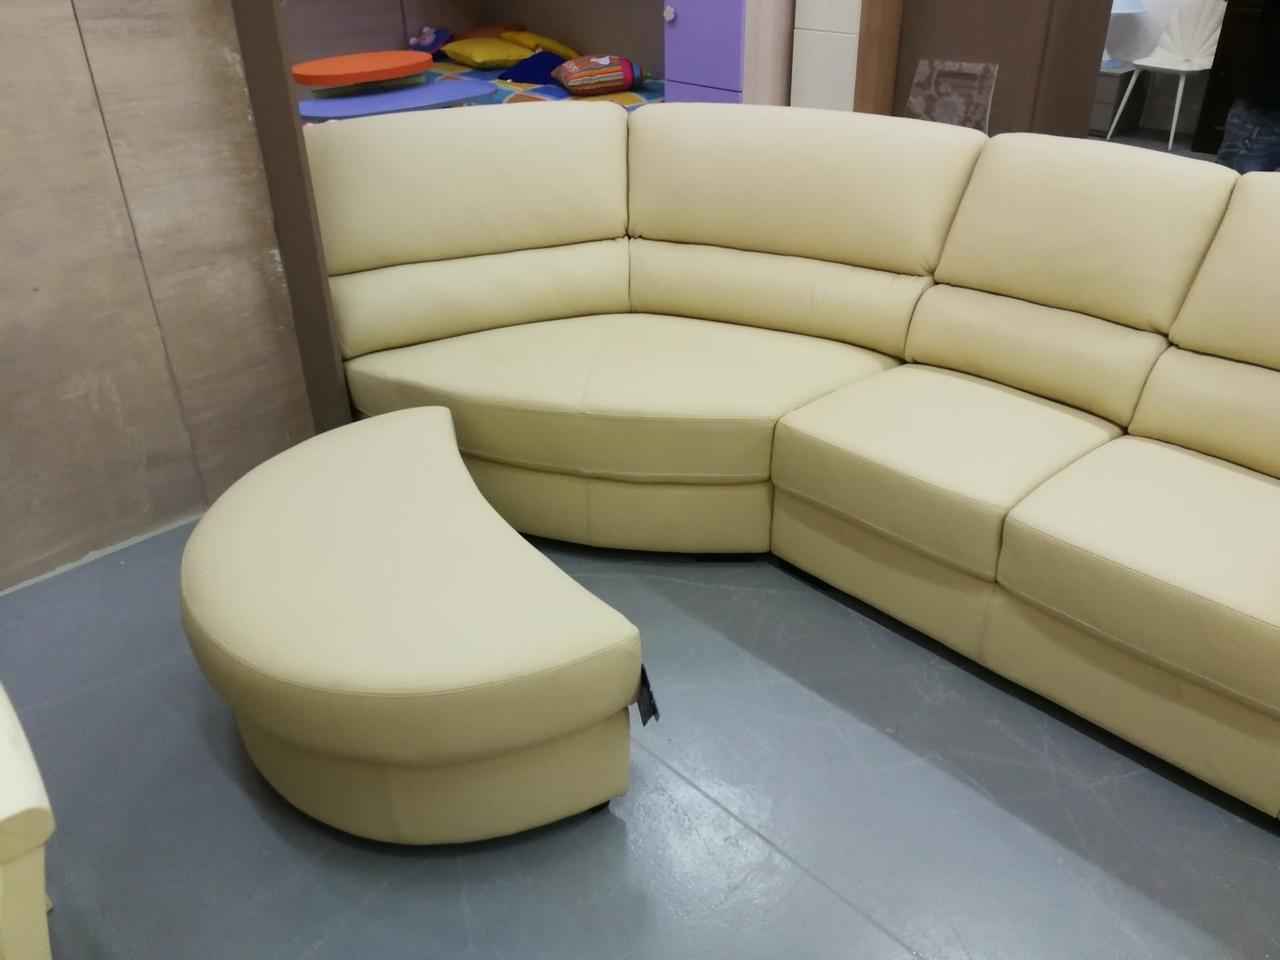 Divano ditre italia divano in pelle con penisola divani for Divano in pelle con penisola